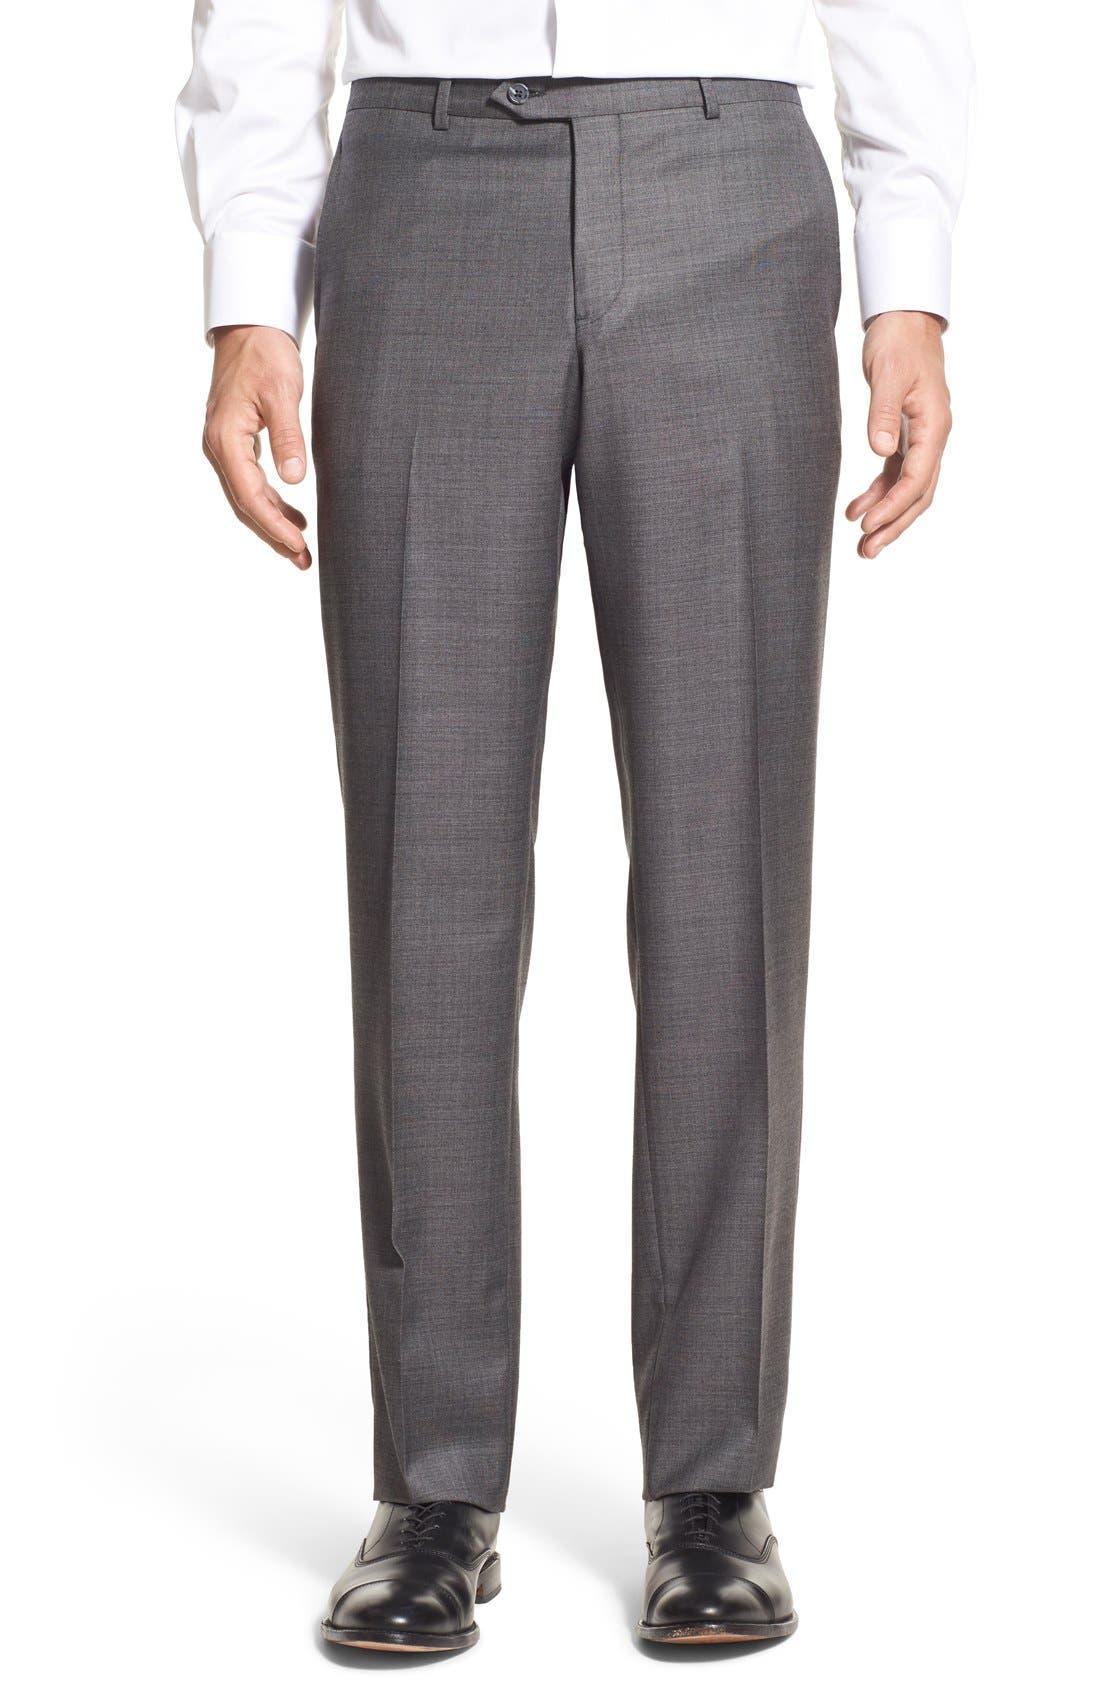 Nordstrom Men's Shop Flat Front Sharkskin Wool Trousers